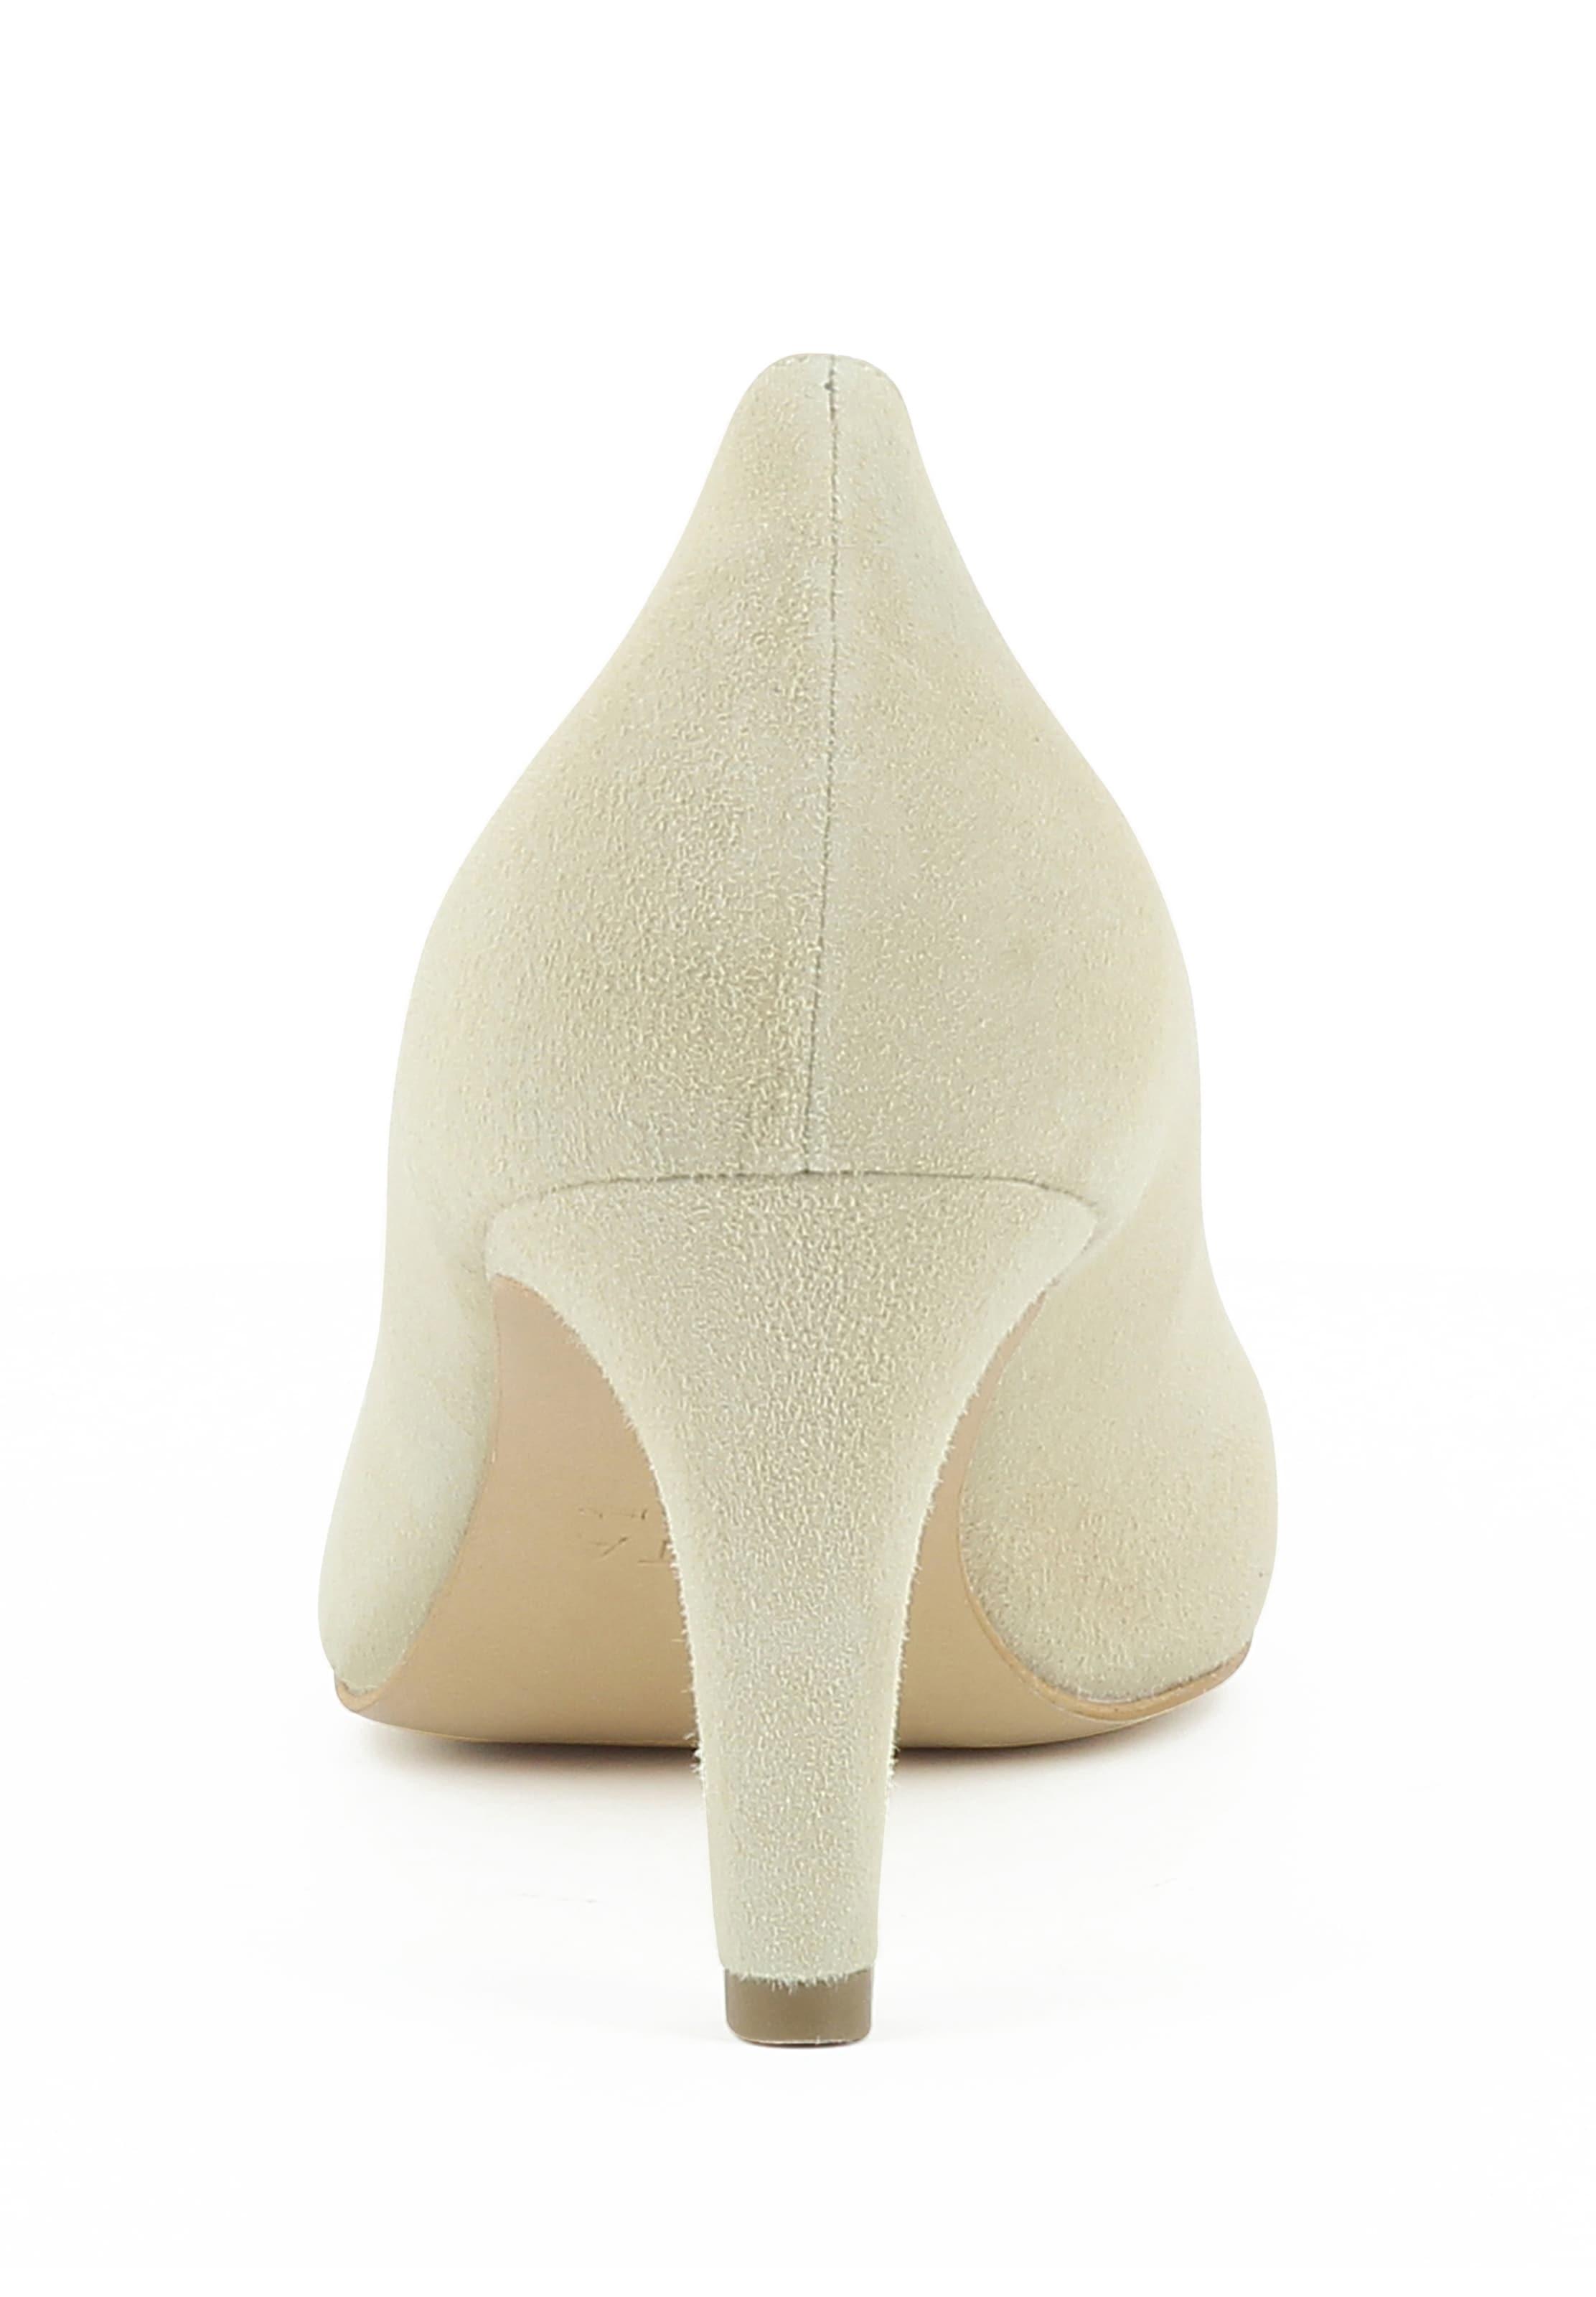 'bianca' Beige 'bianca' Evita In Evita Pumps Beige Pumps Pumps Evita In XuPTwiOkZ